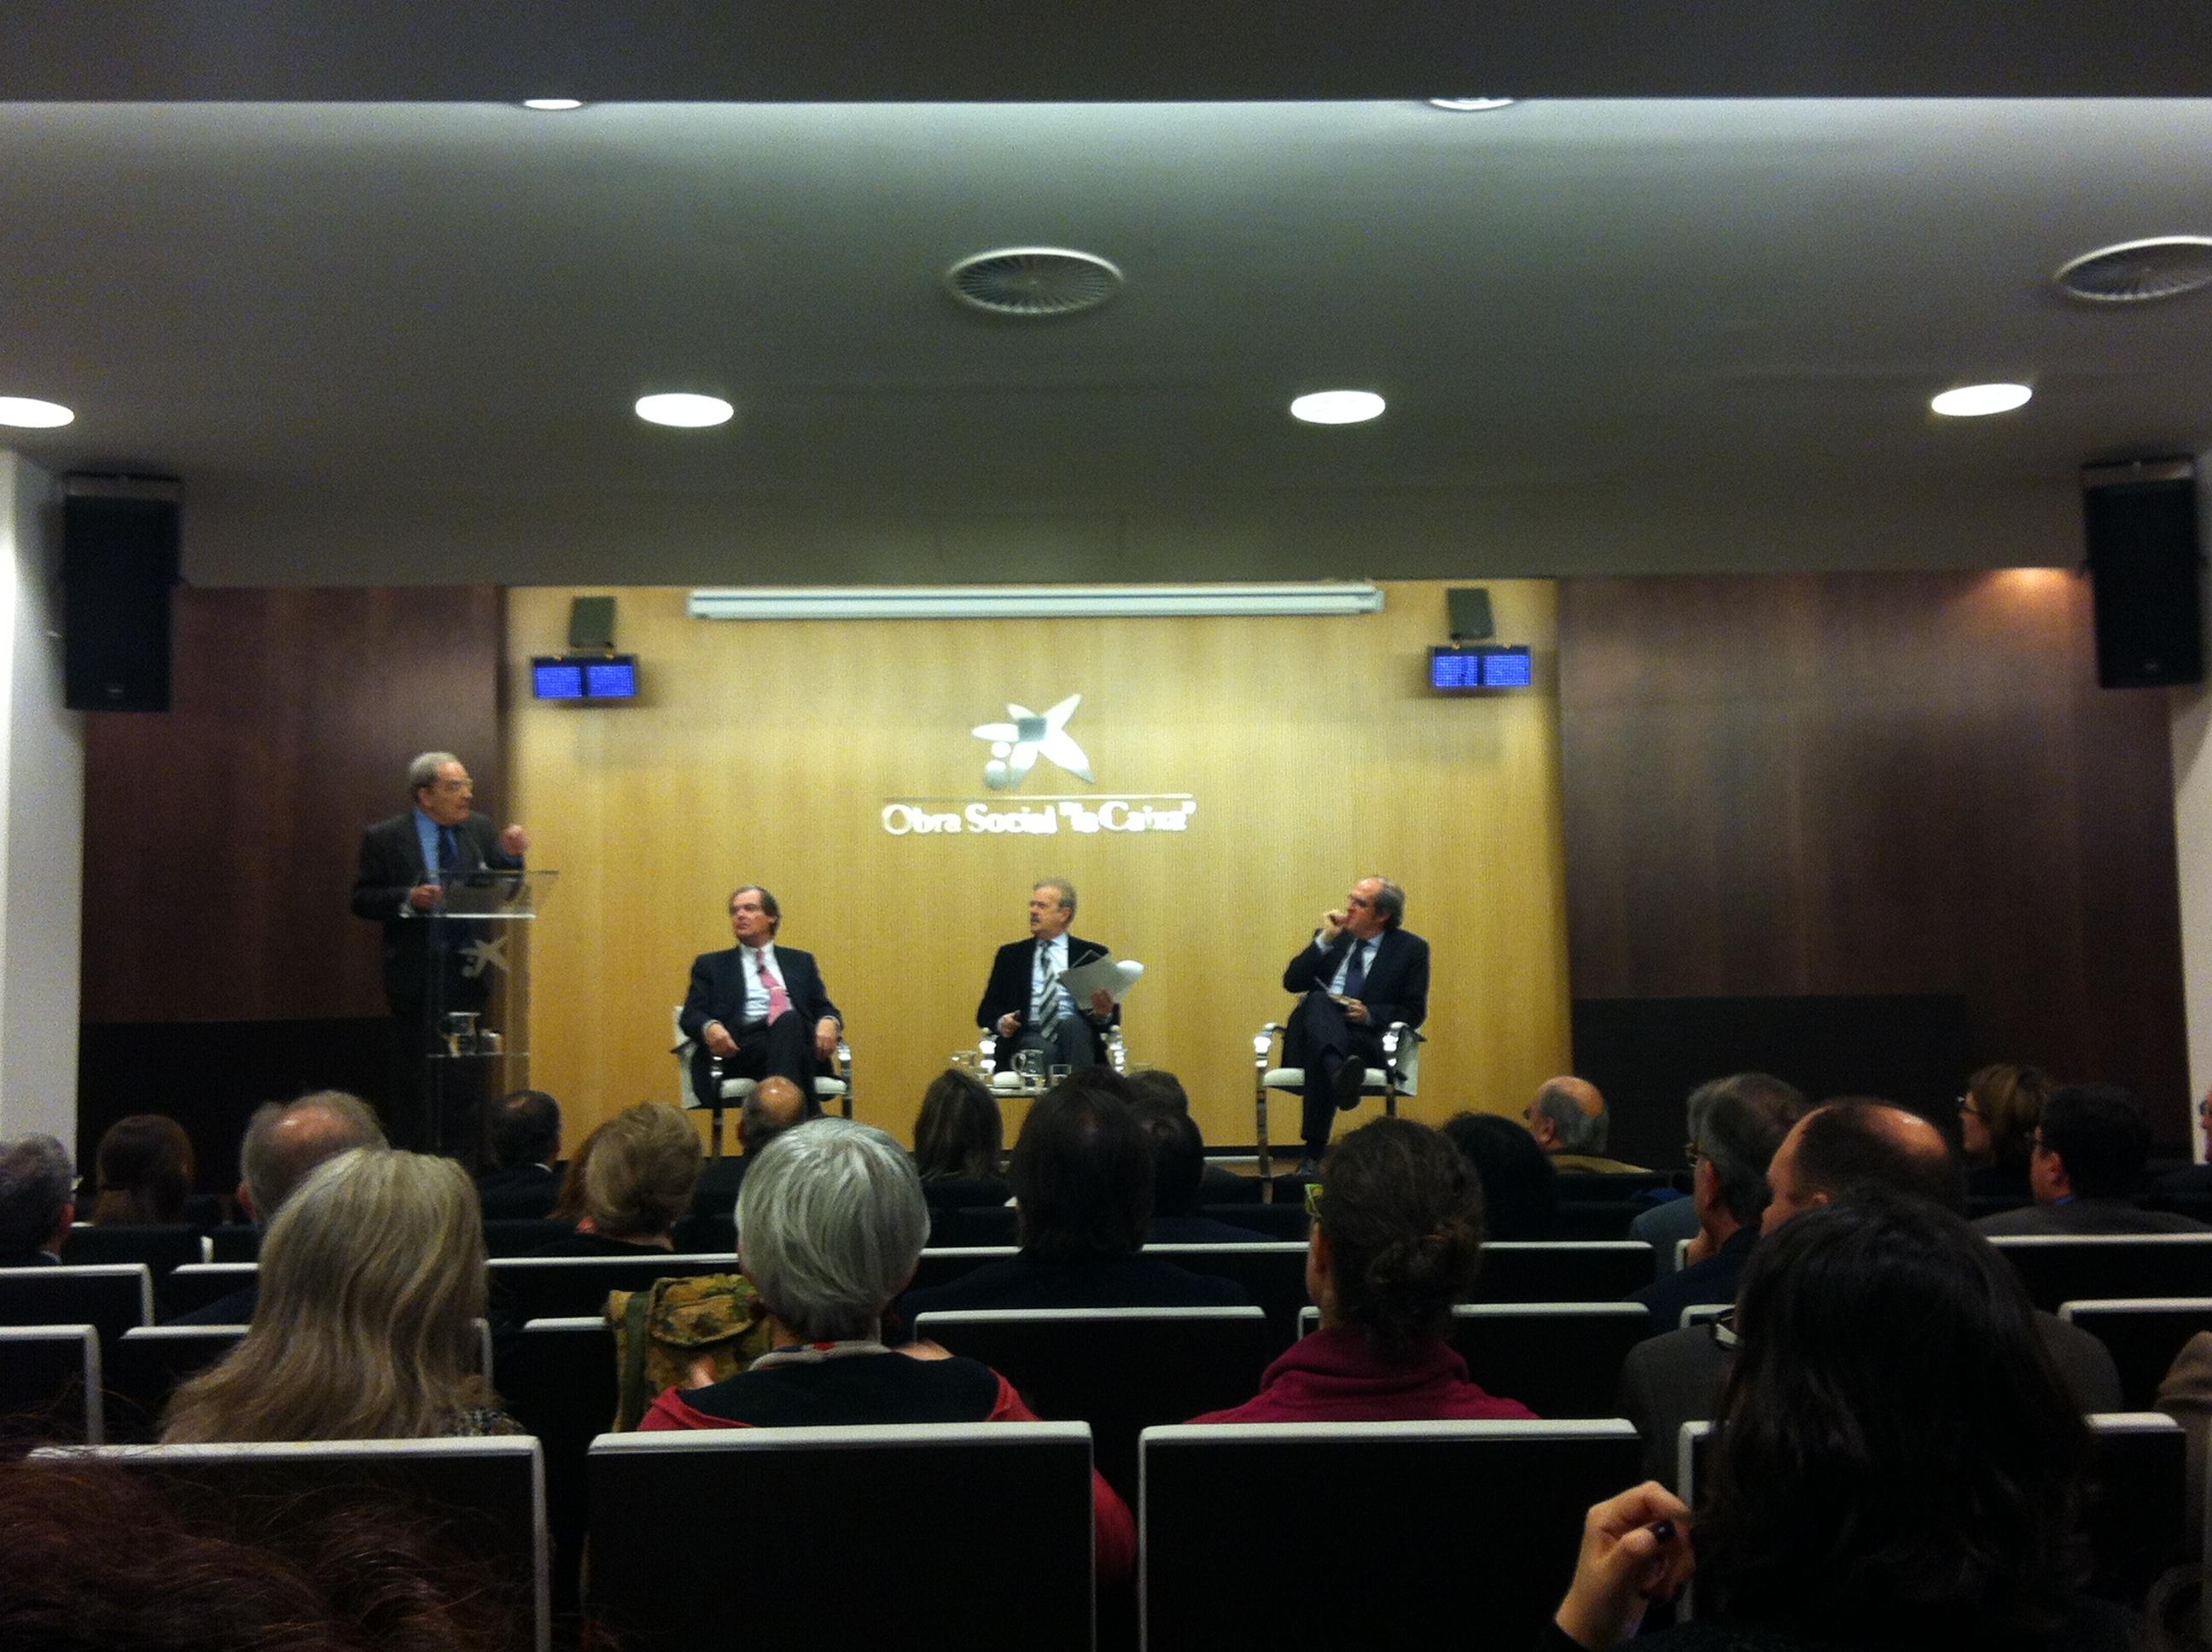 """Jornada de Diàleg sobre """"L'ètica aplicada a la funció directiva"""", amb Ángel Gabilondo, Francisco Belil, Manuel Campo Vidal"""